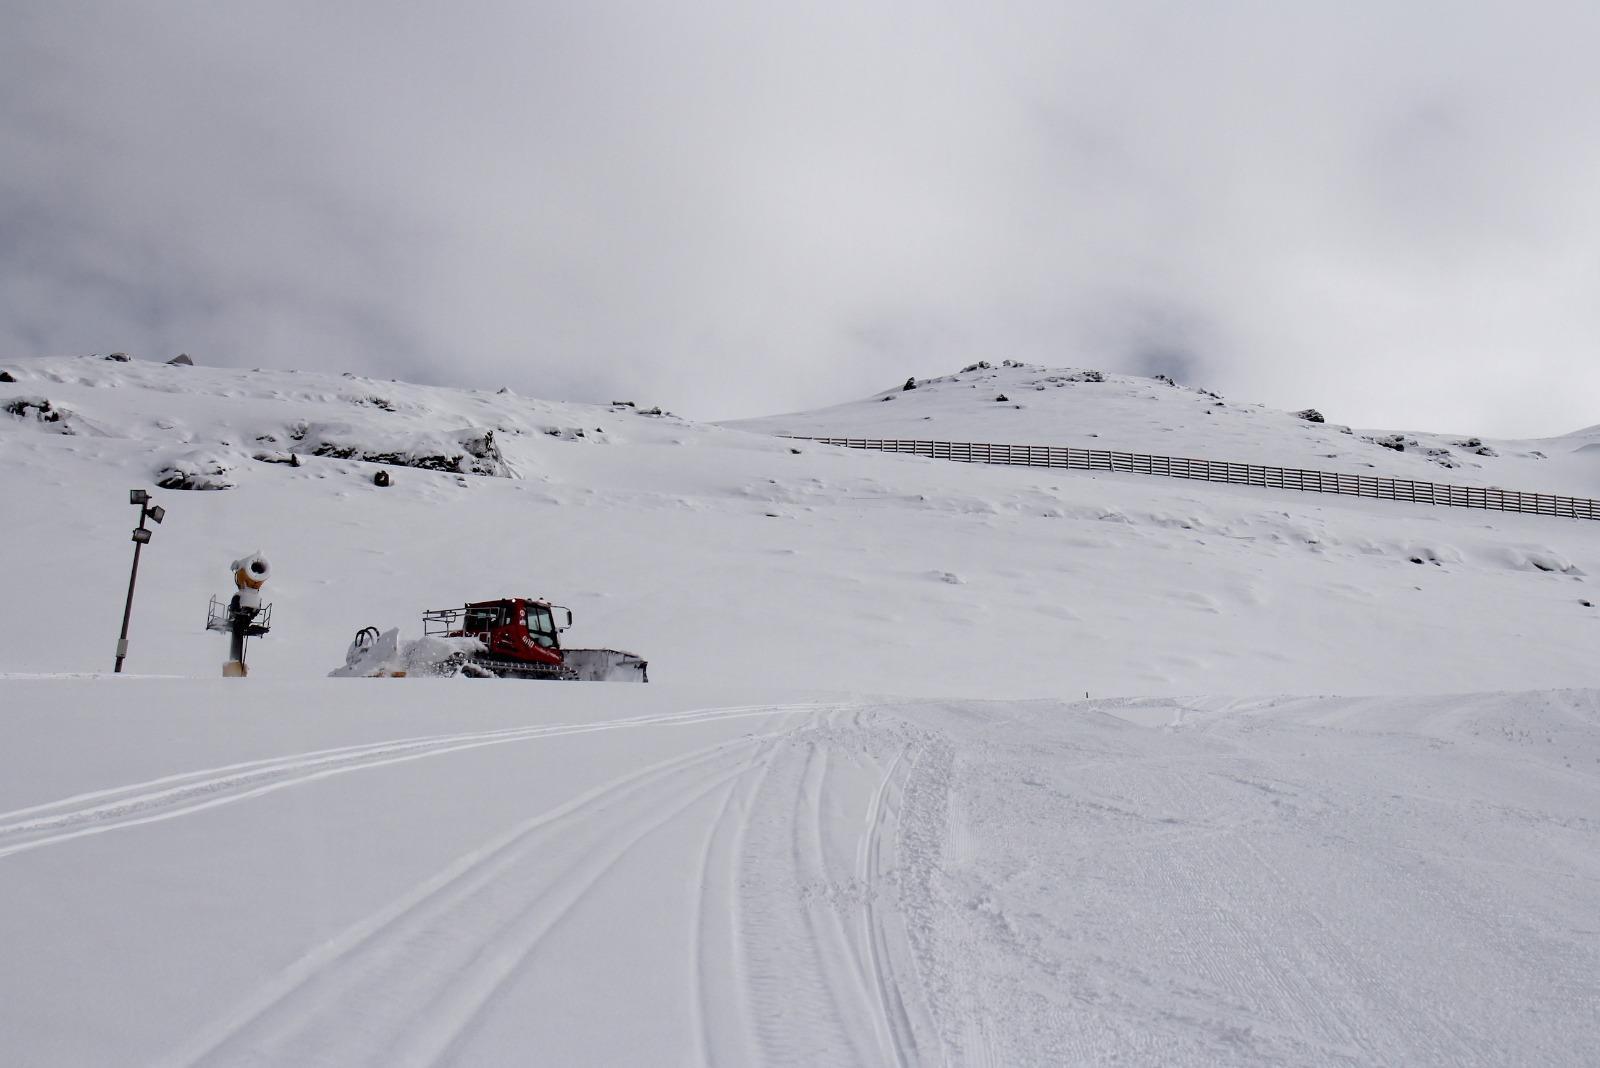 2018/19 season is underway., Sierra Nevada